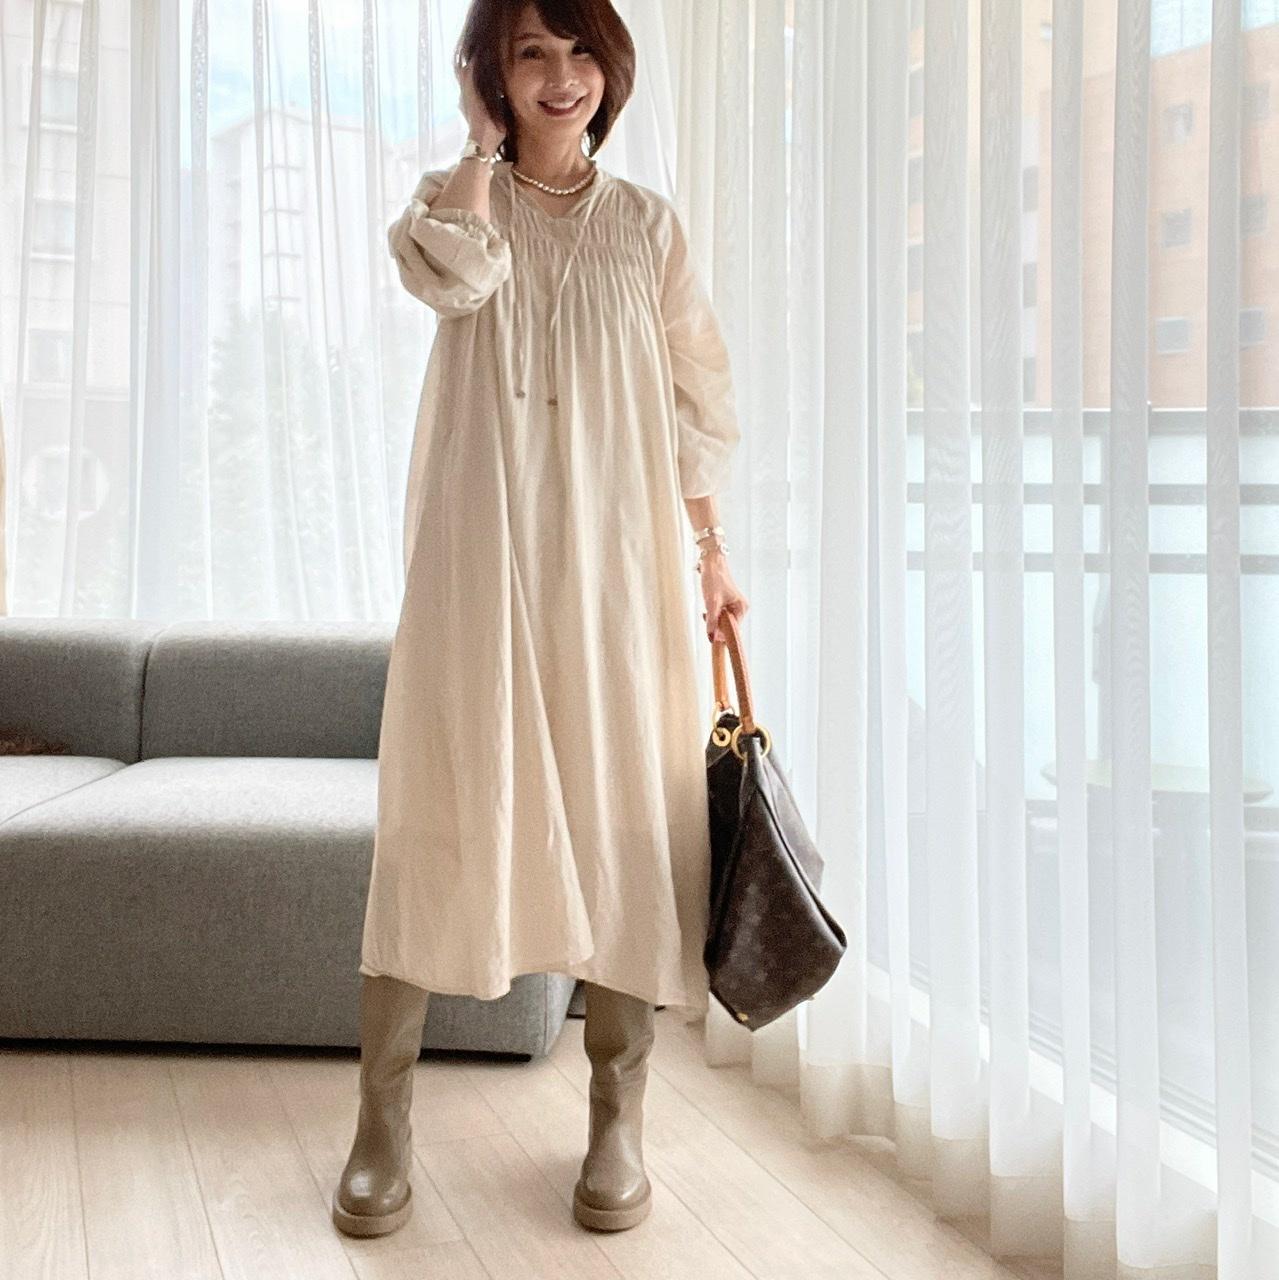 Zaraのブーツ♡ワントーンコーデ_1_1